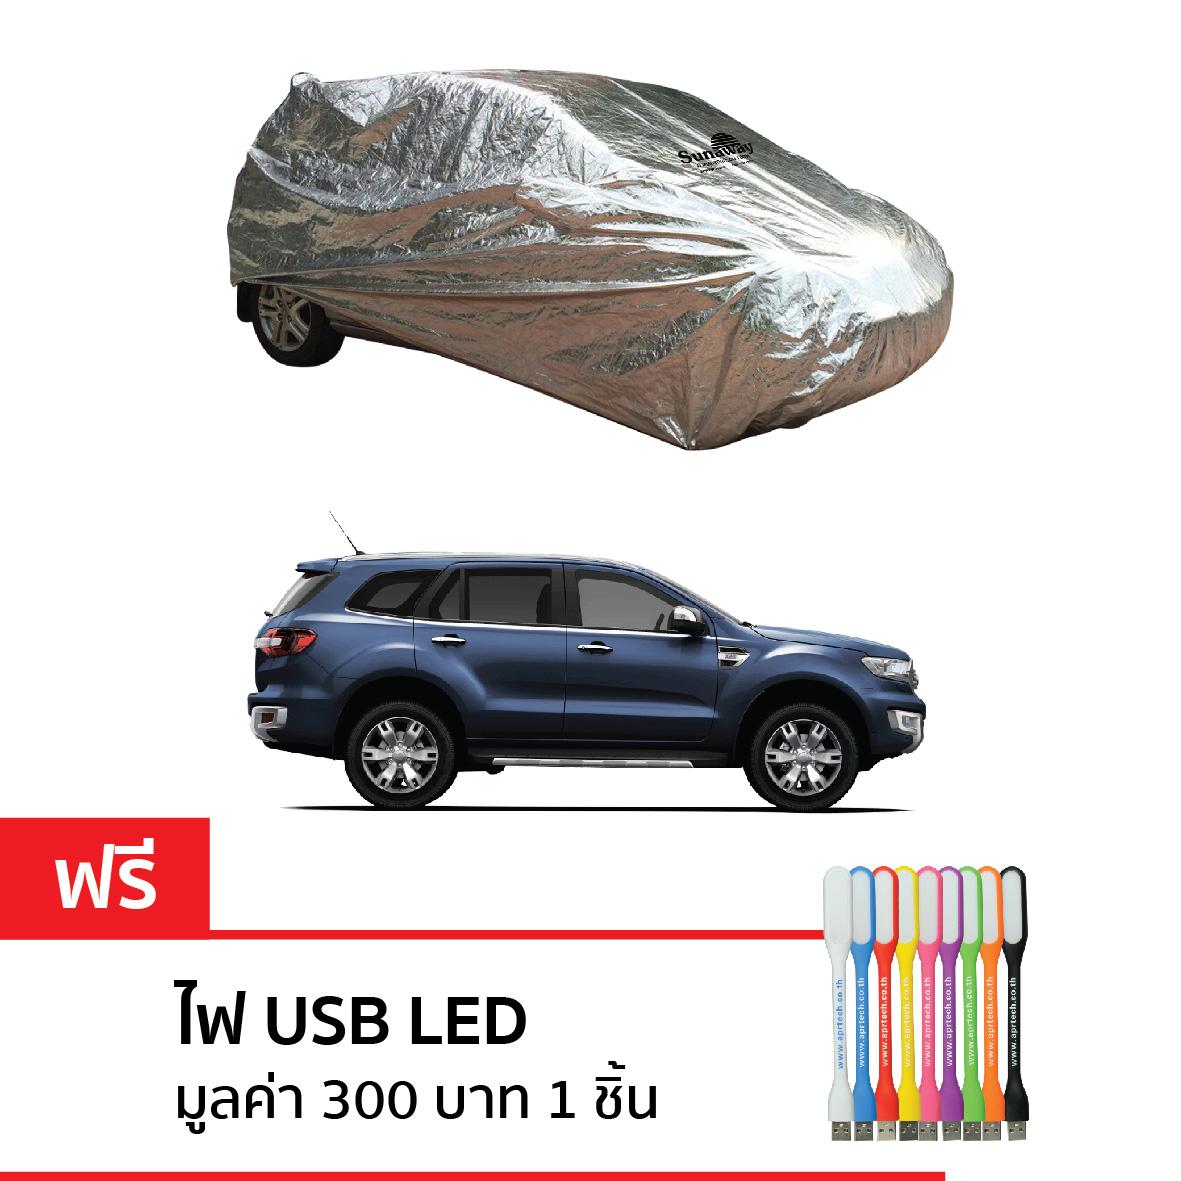 New Sunaway ผ้าคลุมรถกันร้อน 100% (สำหรับ SUV -เต็มคัน)